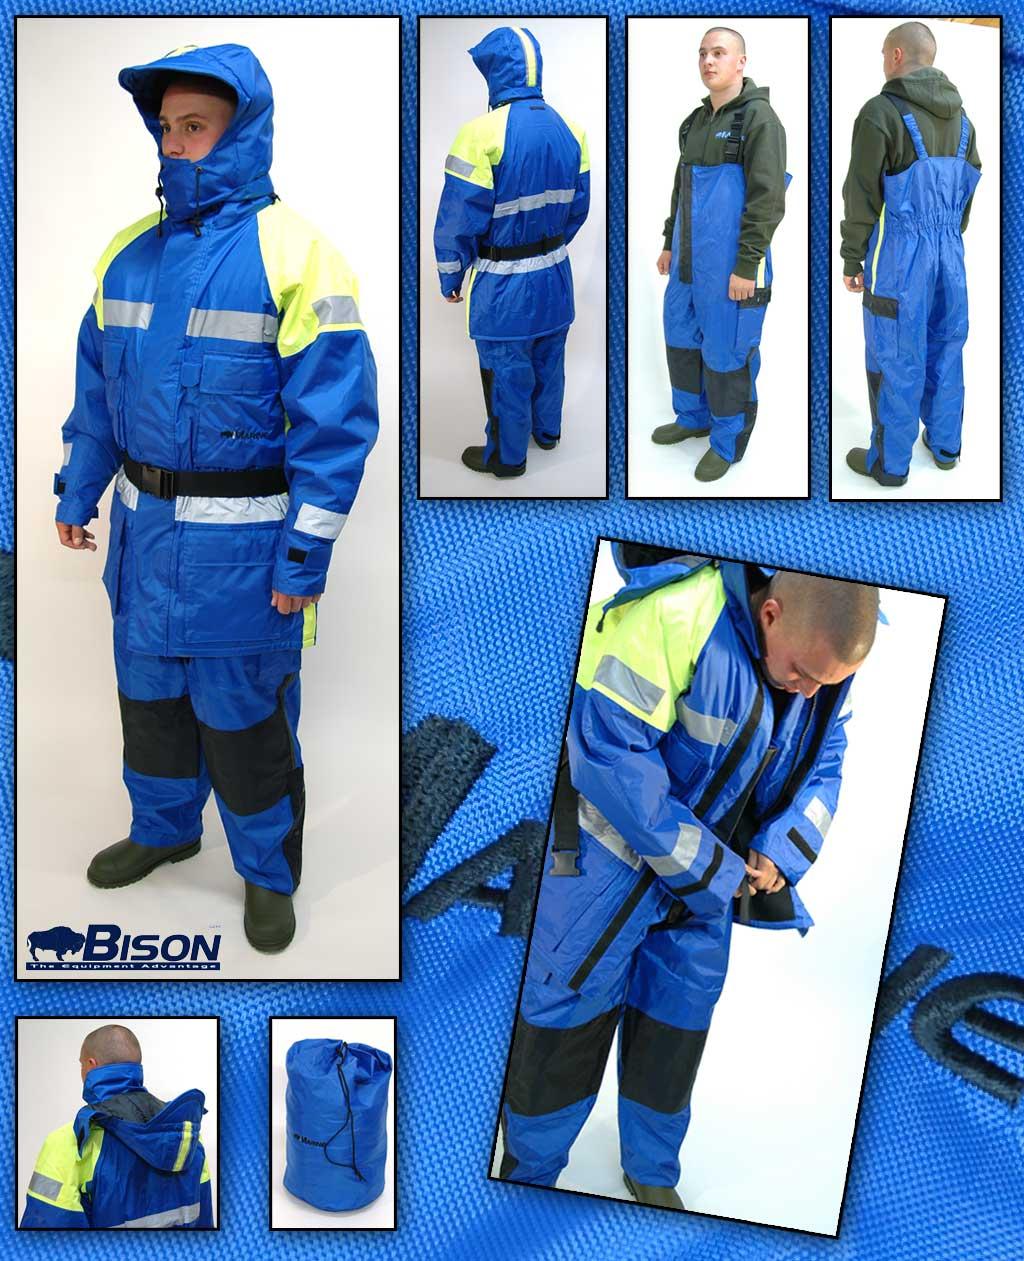 Special Offer Bison 2pc Flotation/Floatation Suit Sizes Medium - XXL